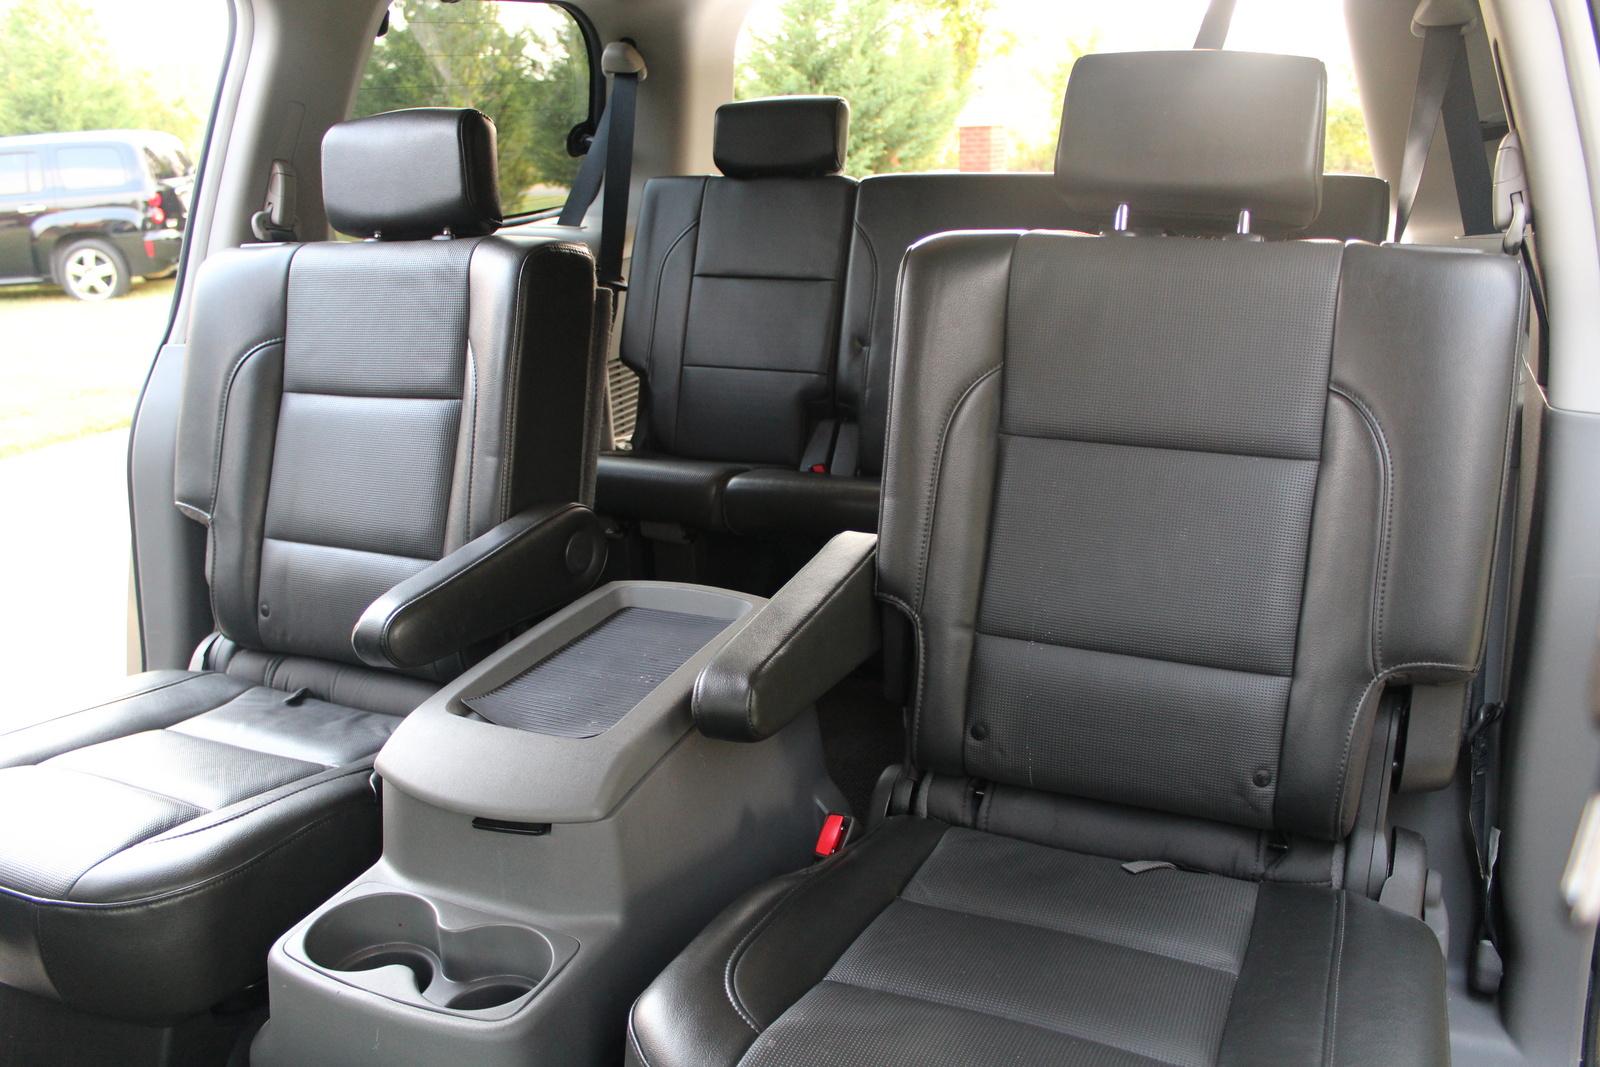 2007 Nissan Armada Interior Pictures Cargurus